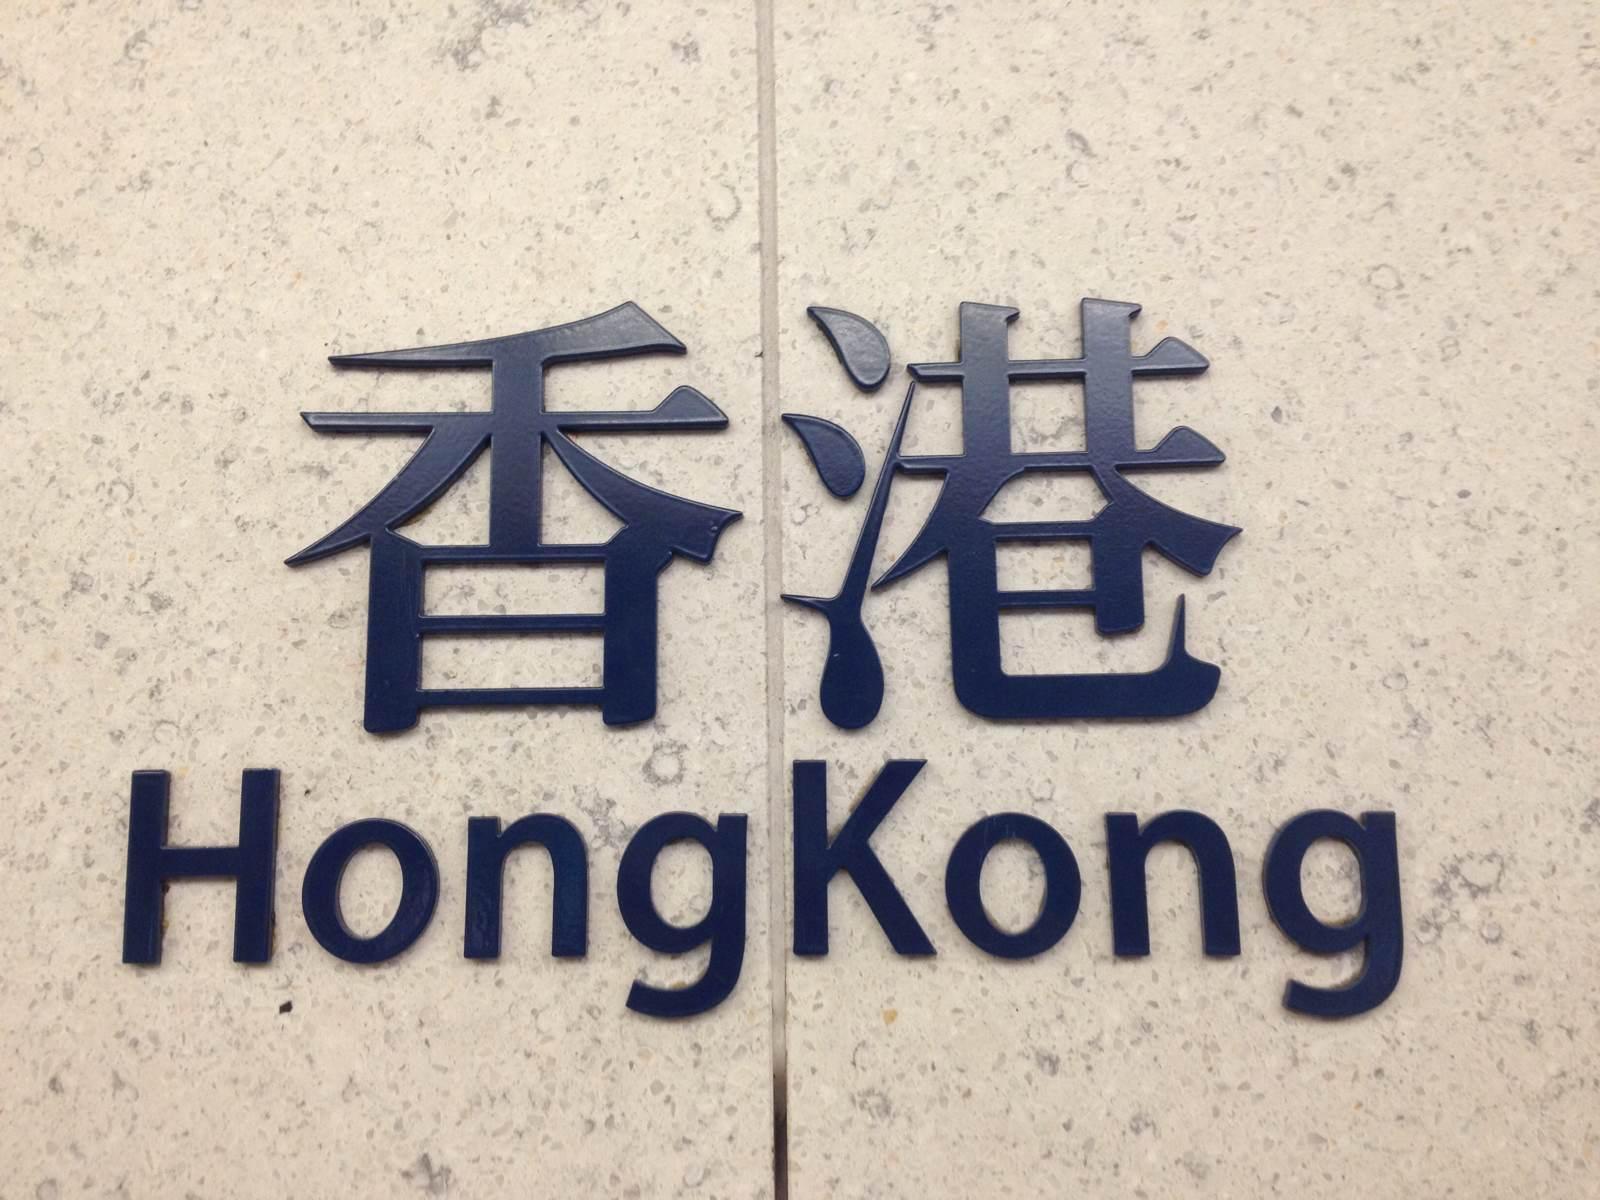 防範和遏制外部勢力幹預香港事務仍任重道遠